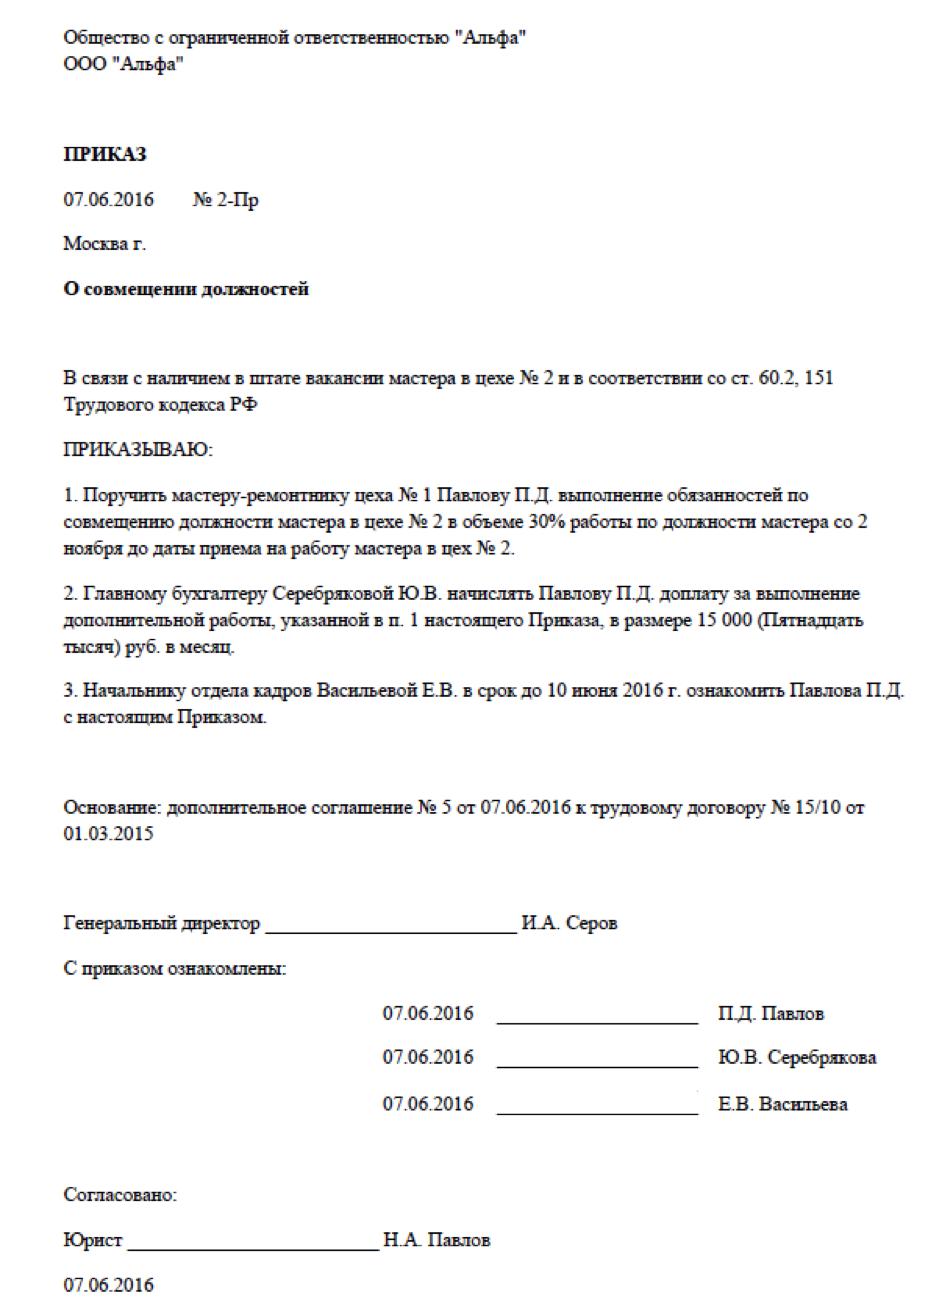 Дополнительное соглашение о совмещении должностей образец скачать